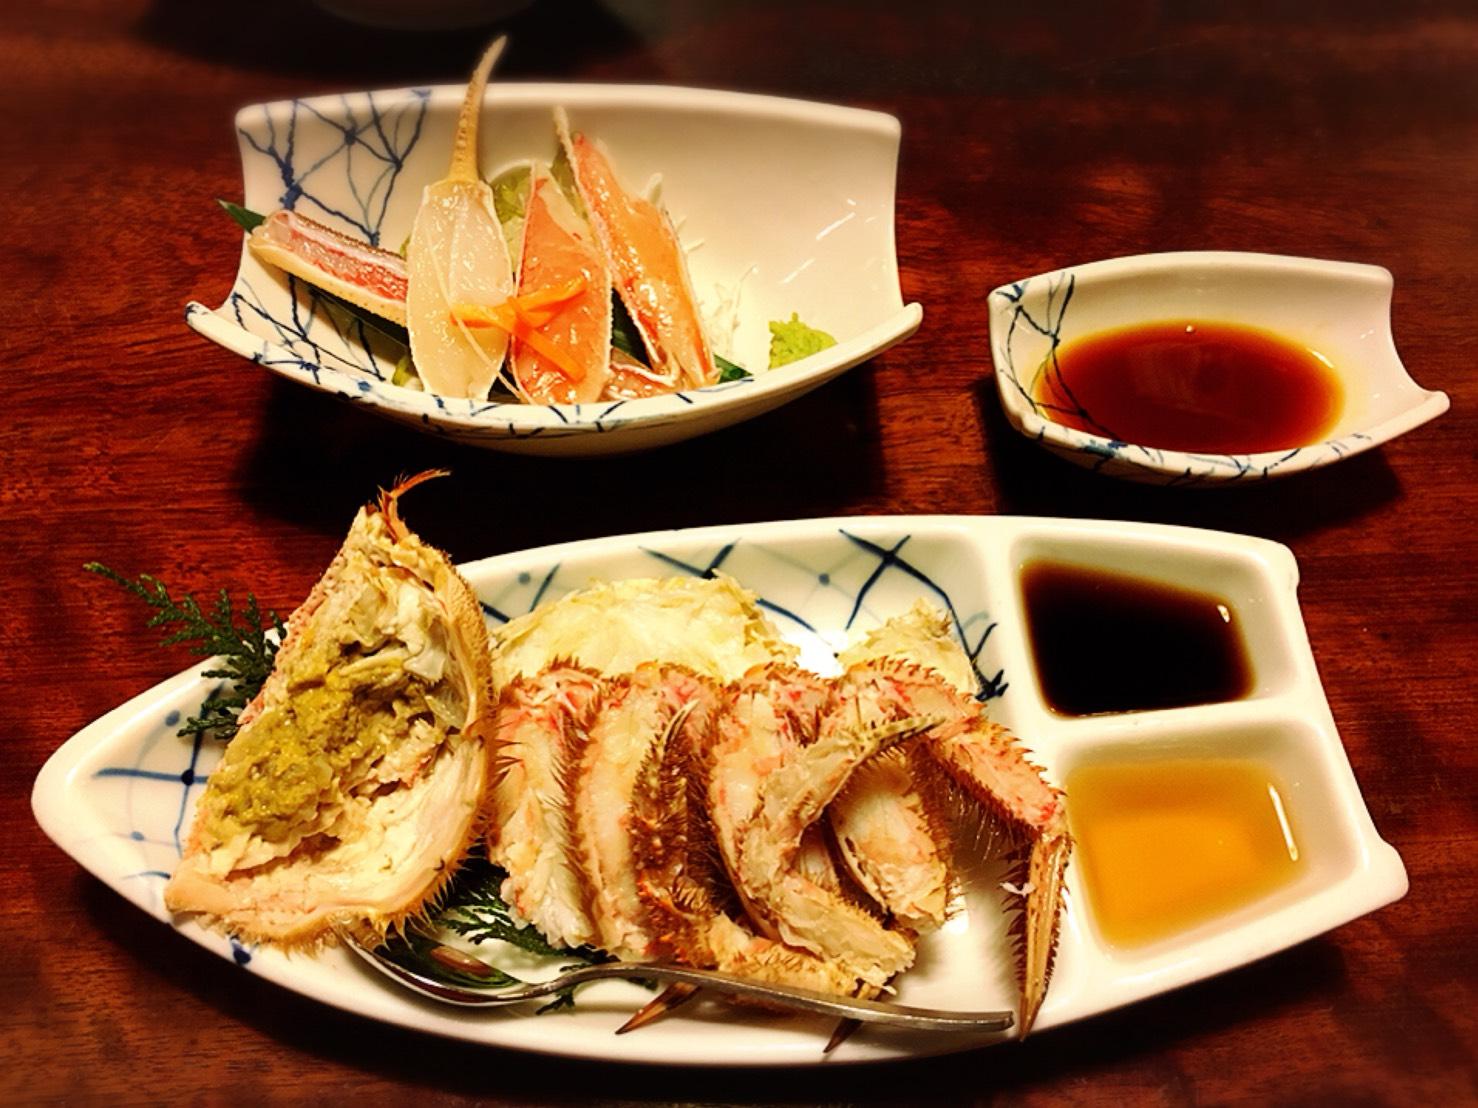 【新宿駅】贅の極み!蟹ざんまいで蟹に溺れる贅沢体験!豪華絢爛な「かに道楽」のかにしゃぶ会席冬景色の活毛かに半匹盛、かに刺